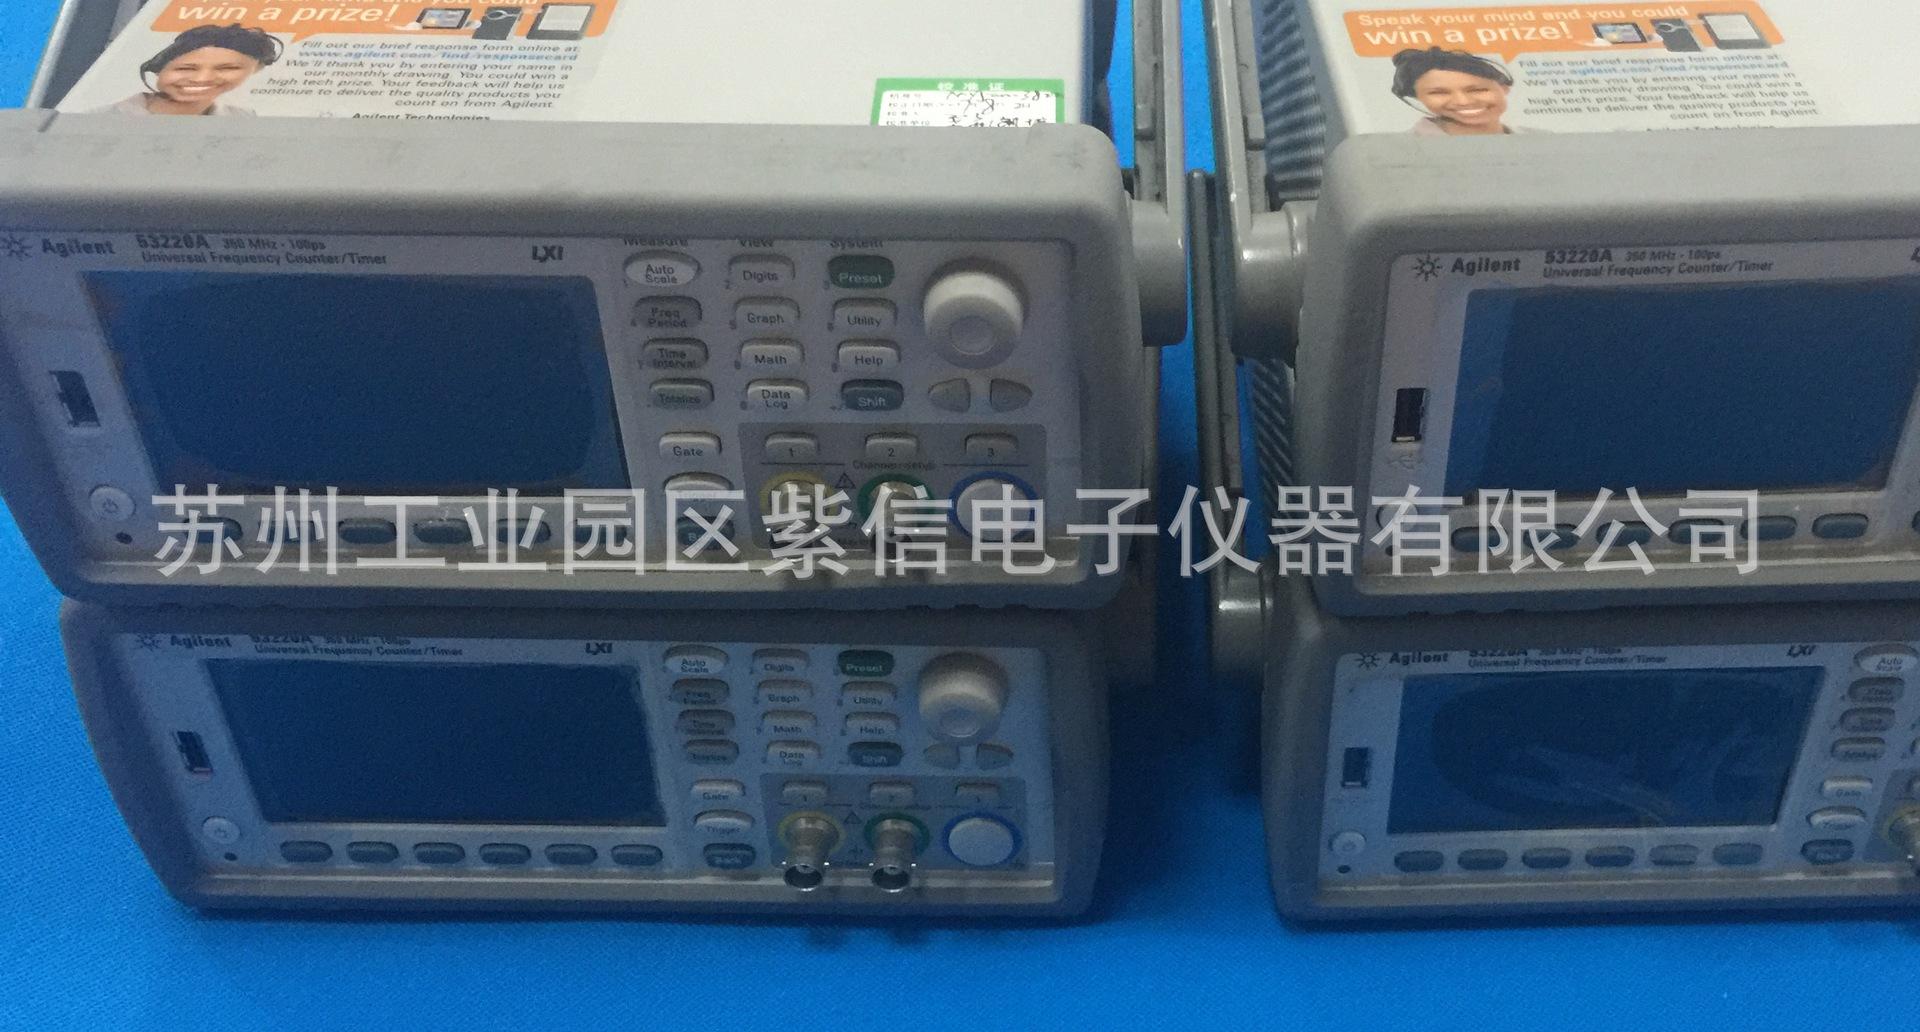 苏州无锡上海南京杭州维修53220A 53220A频率计AGILENT KEYSIGHT